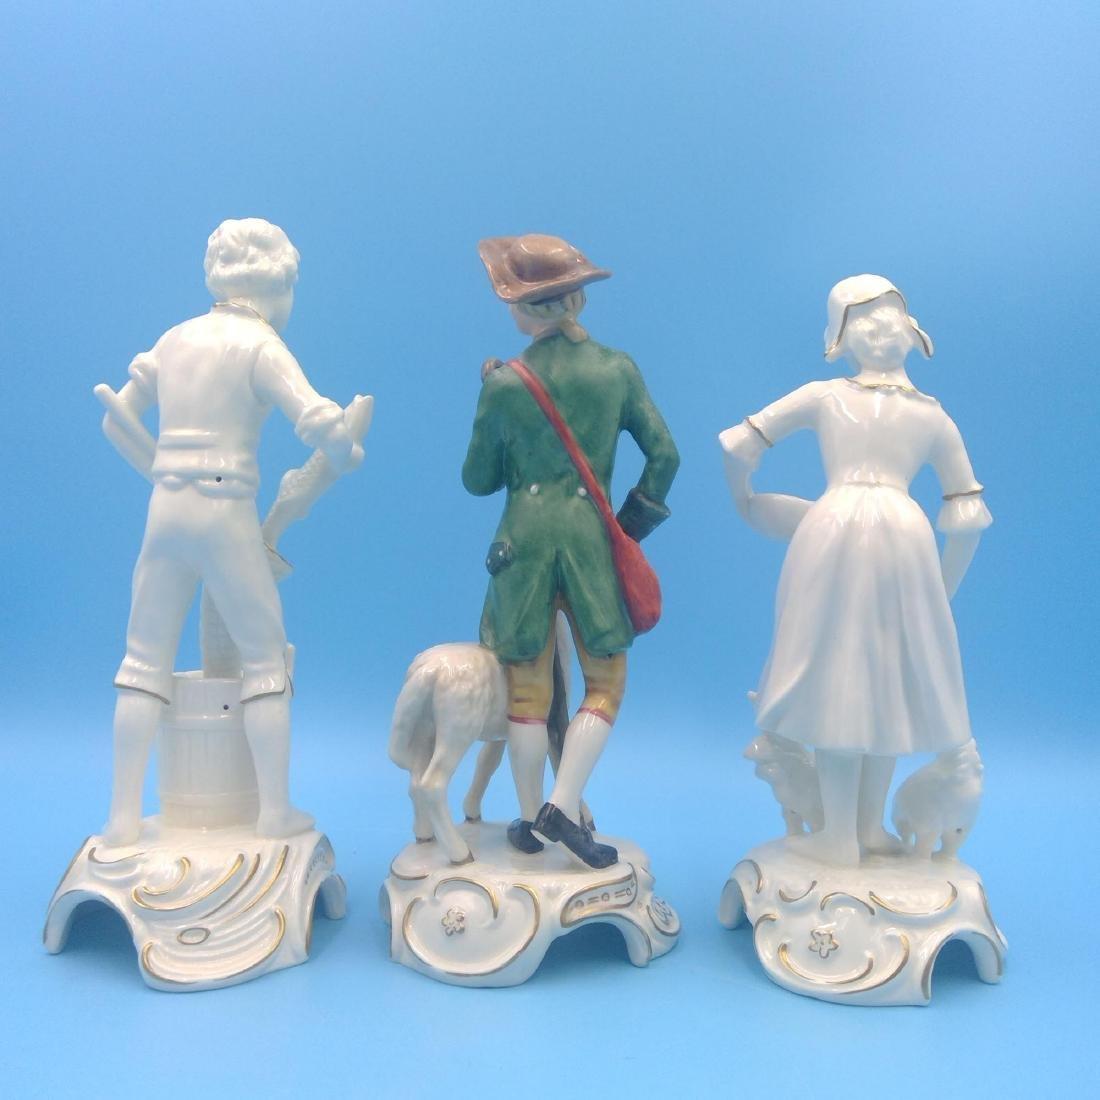 GROUP OF 3 GOEBEL GERMAN PORCELAIN FIGURINES - 3